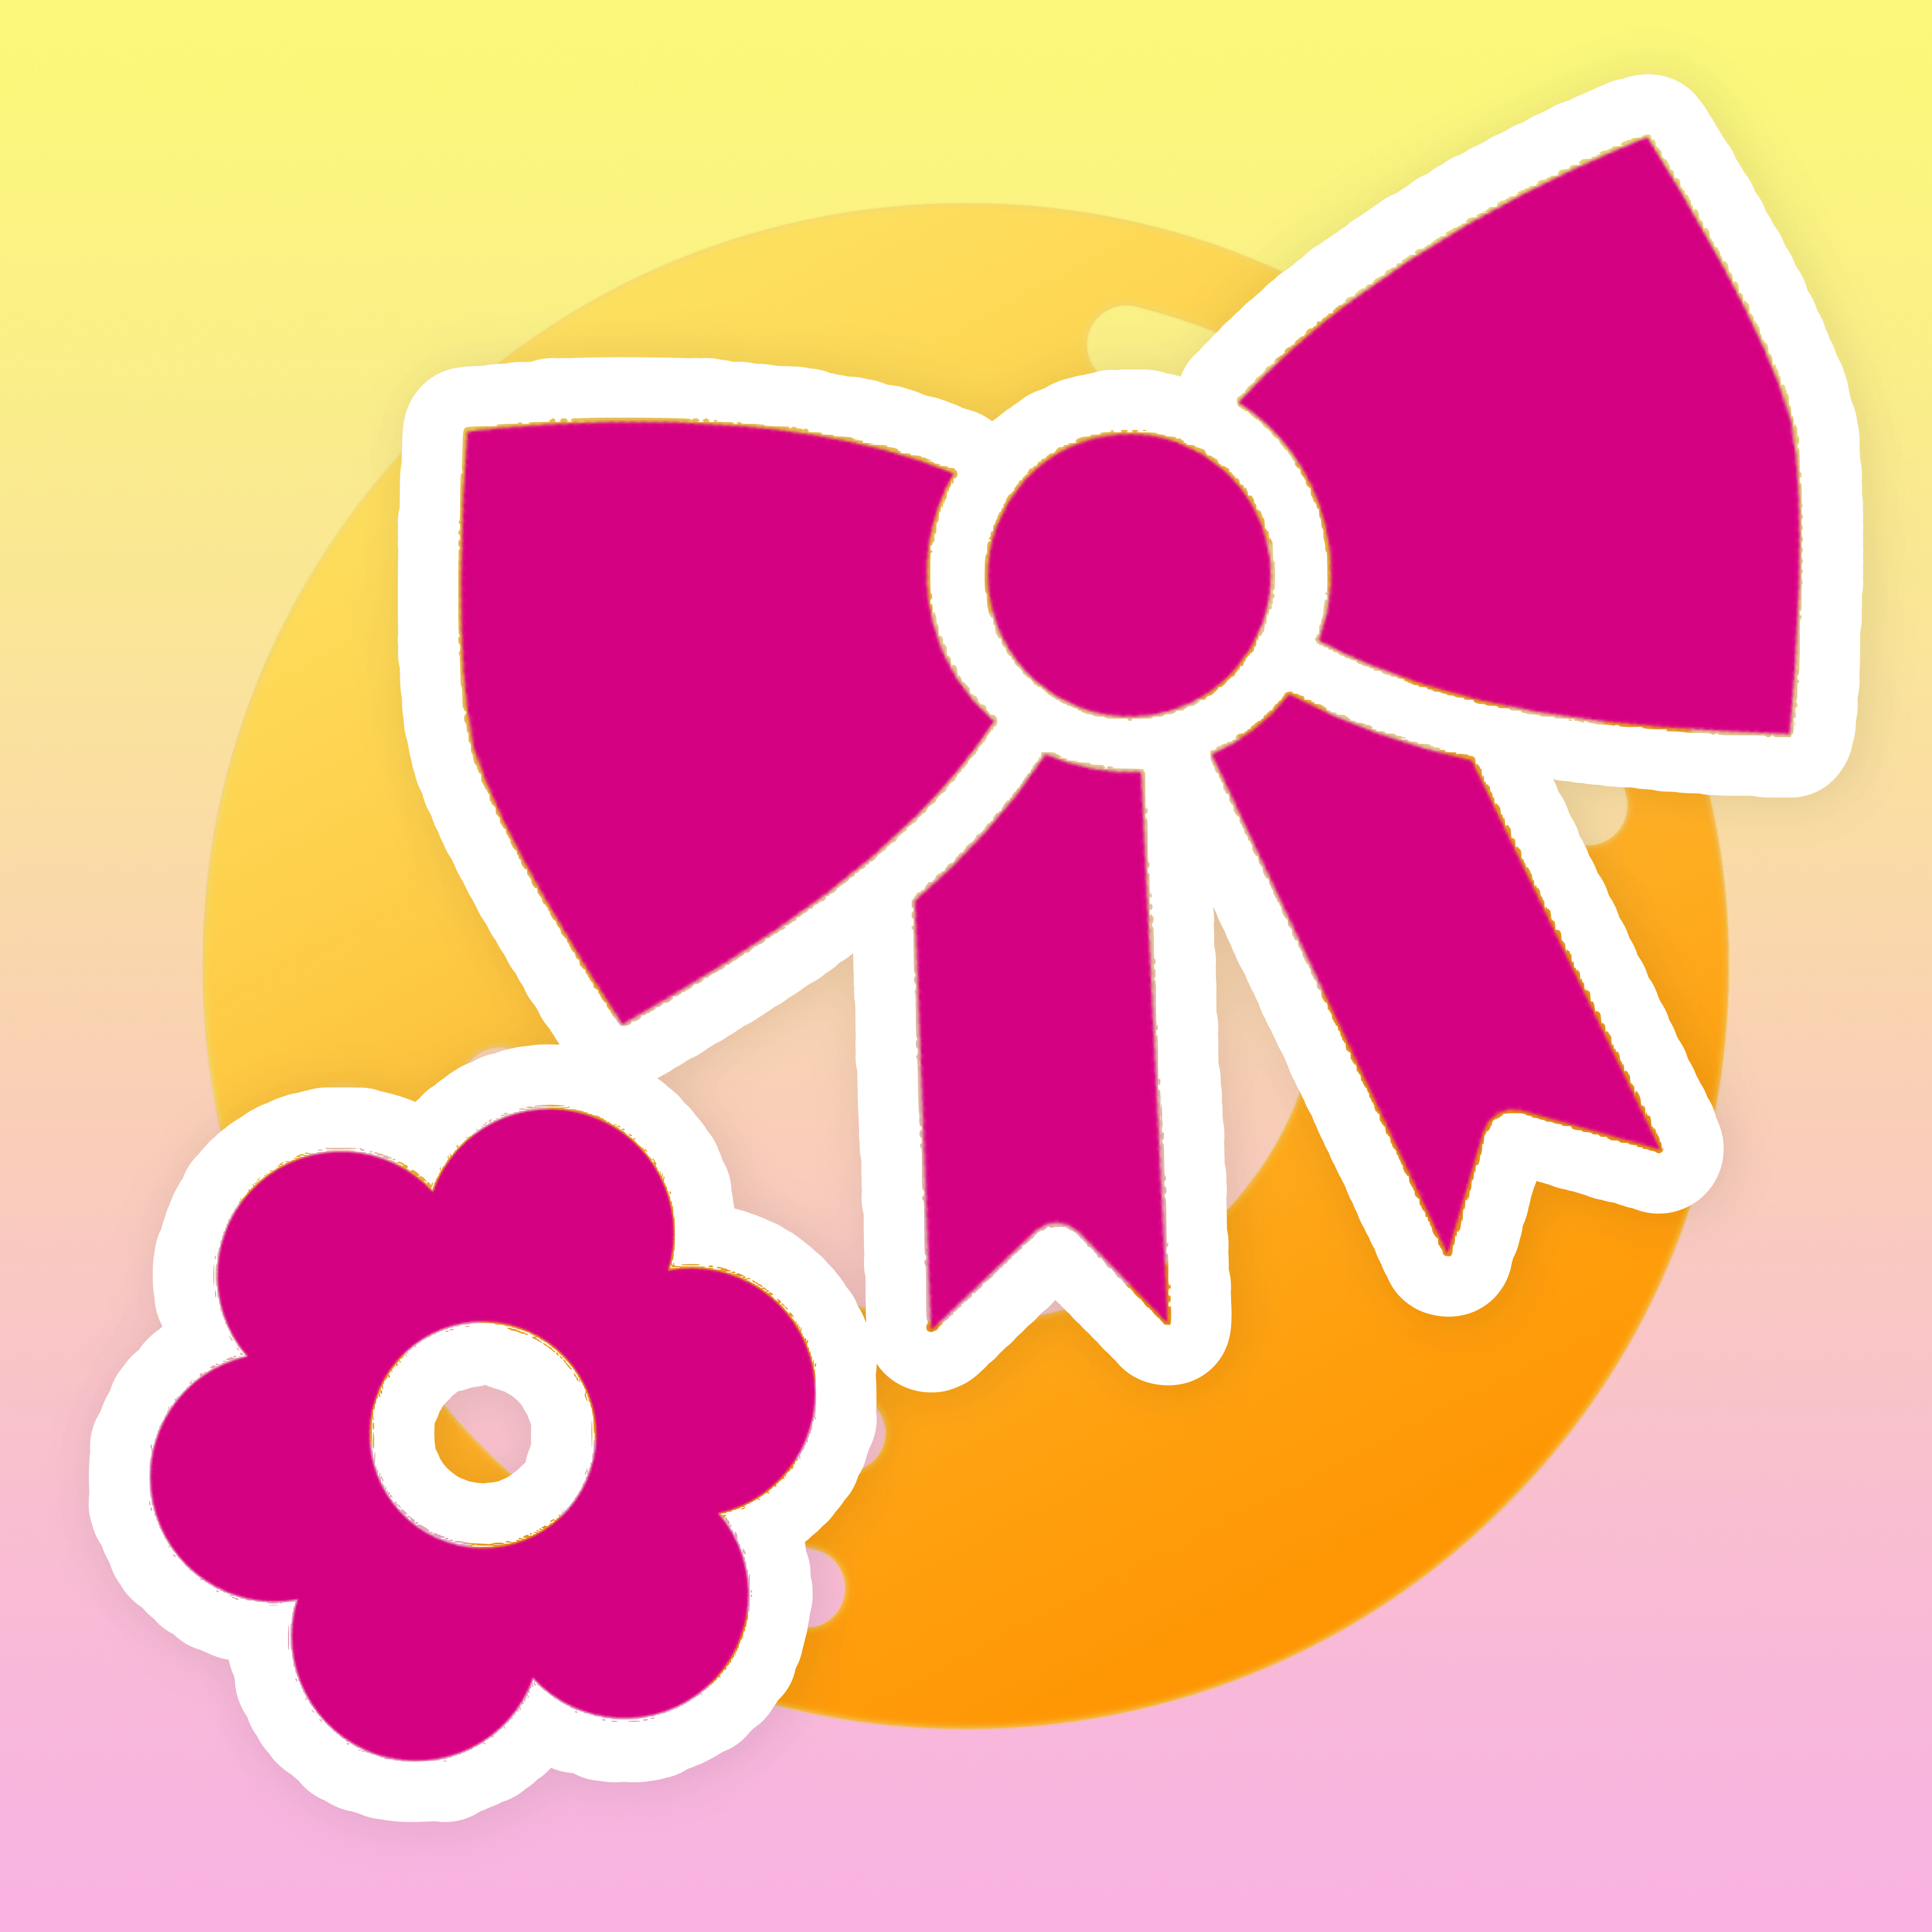 Wchan avatar